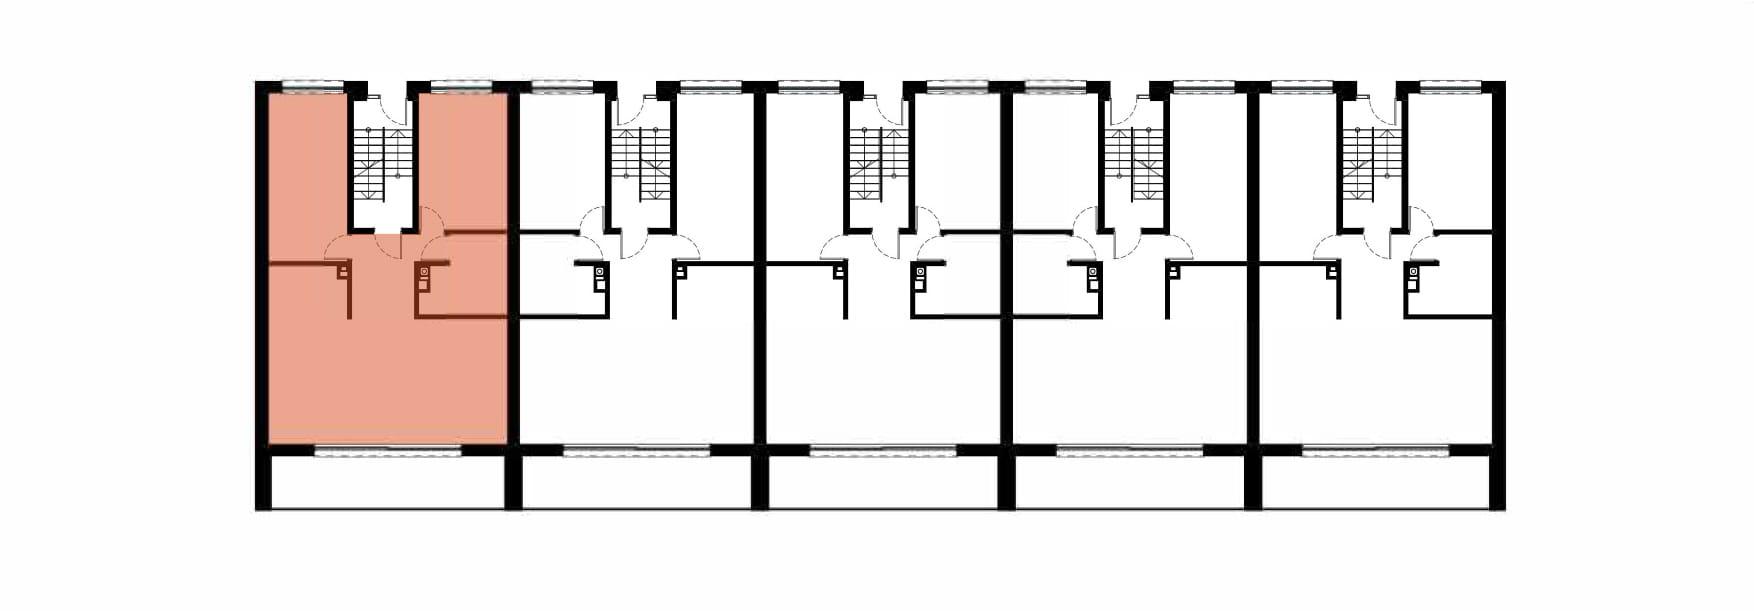 Apartamenty Kamienna / apartamenty inwestycyjne 1A rzut 2